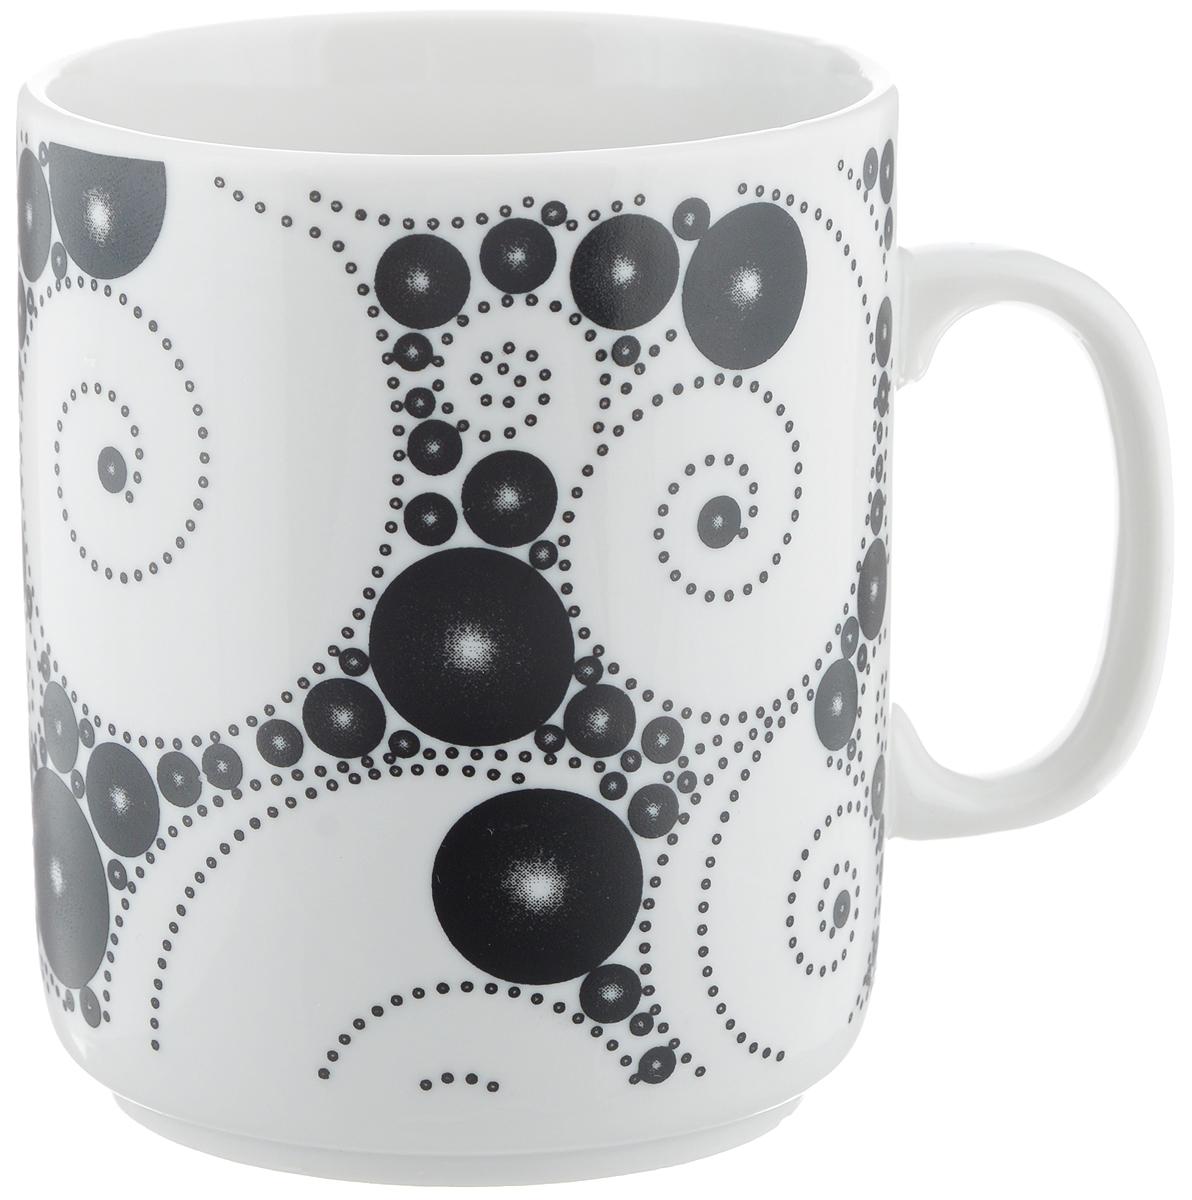 Кружка Фарфор Вербилок Жемчужный, 300 мл9461640Кружка Фарфор Вербилок Жемчужный способна скрасить любое чаепитие. Изделие выполнено из высококачественного фарфора. Посуда из такого материала позволяет сохранить истинный вкус напитка, а также помогает ему дольше оставаться теплым. Диаметр по верхнему краю: 7,5 см. Высота кружки: 10 см.